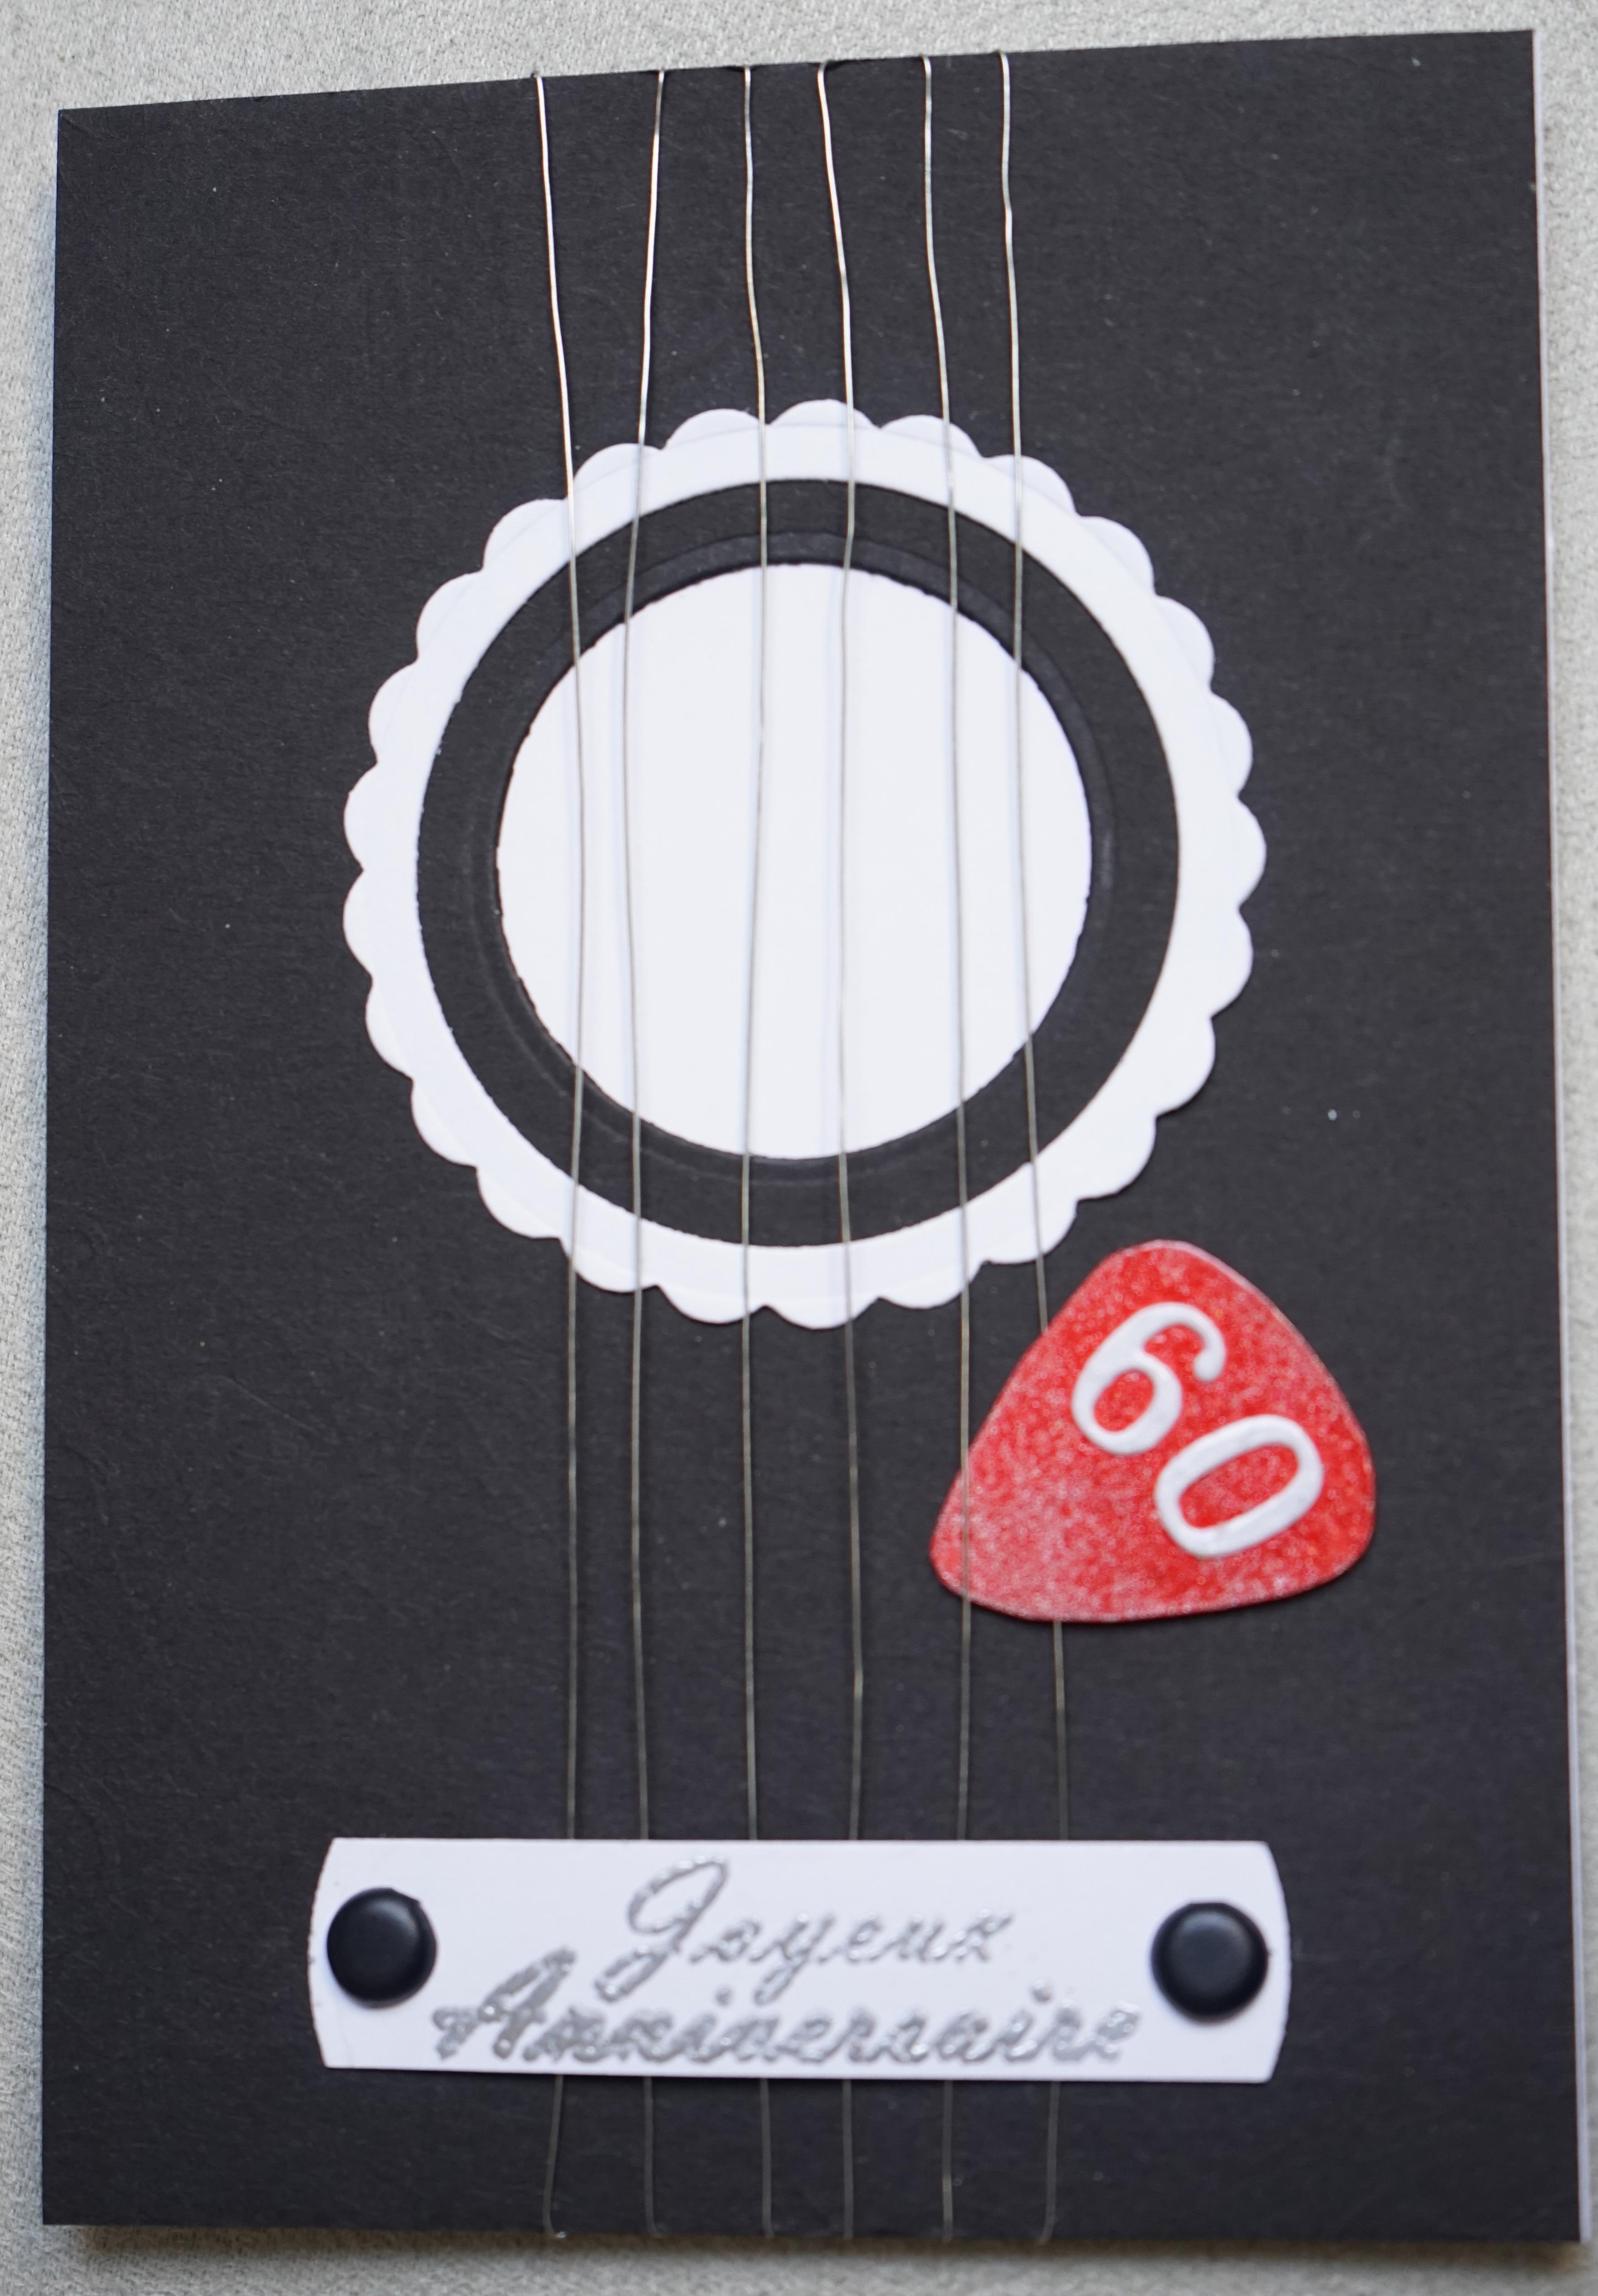 Carte d'anniversaire en forme de guitare pour un amoureux de musique.